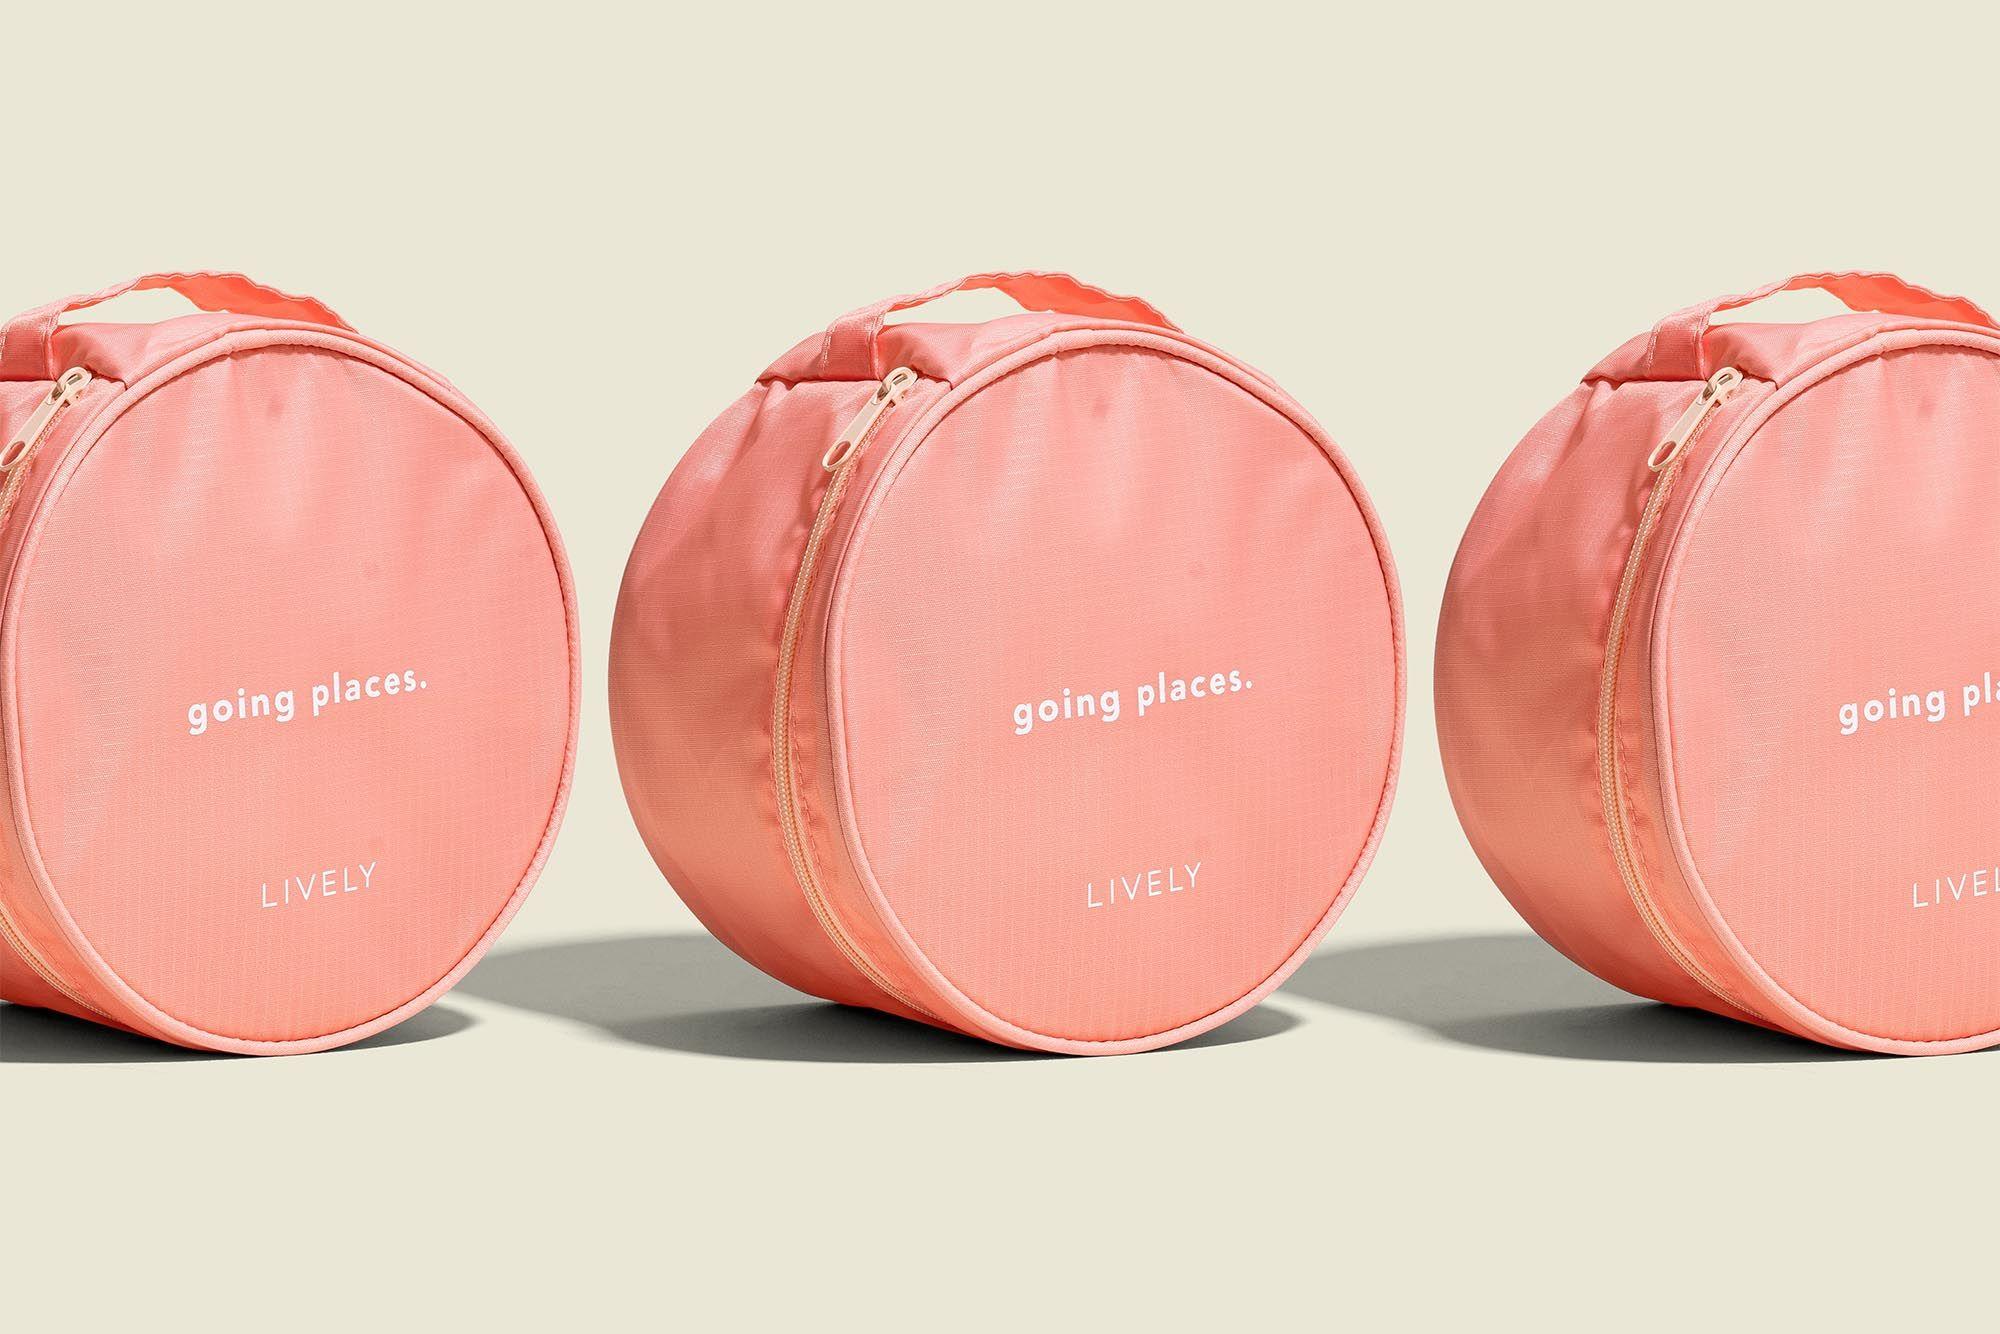 Round zip pouches